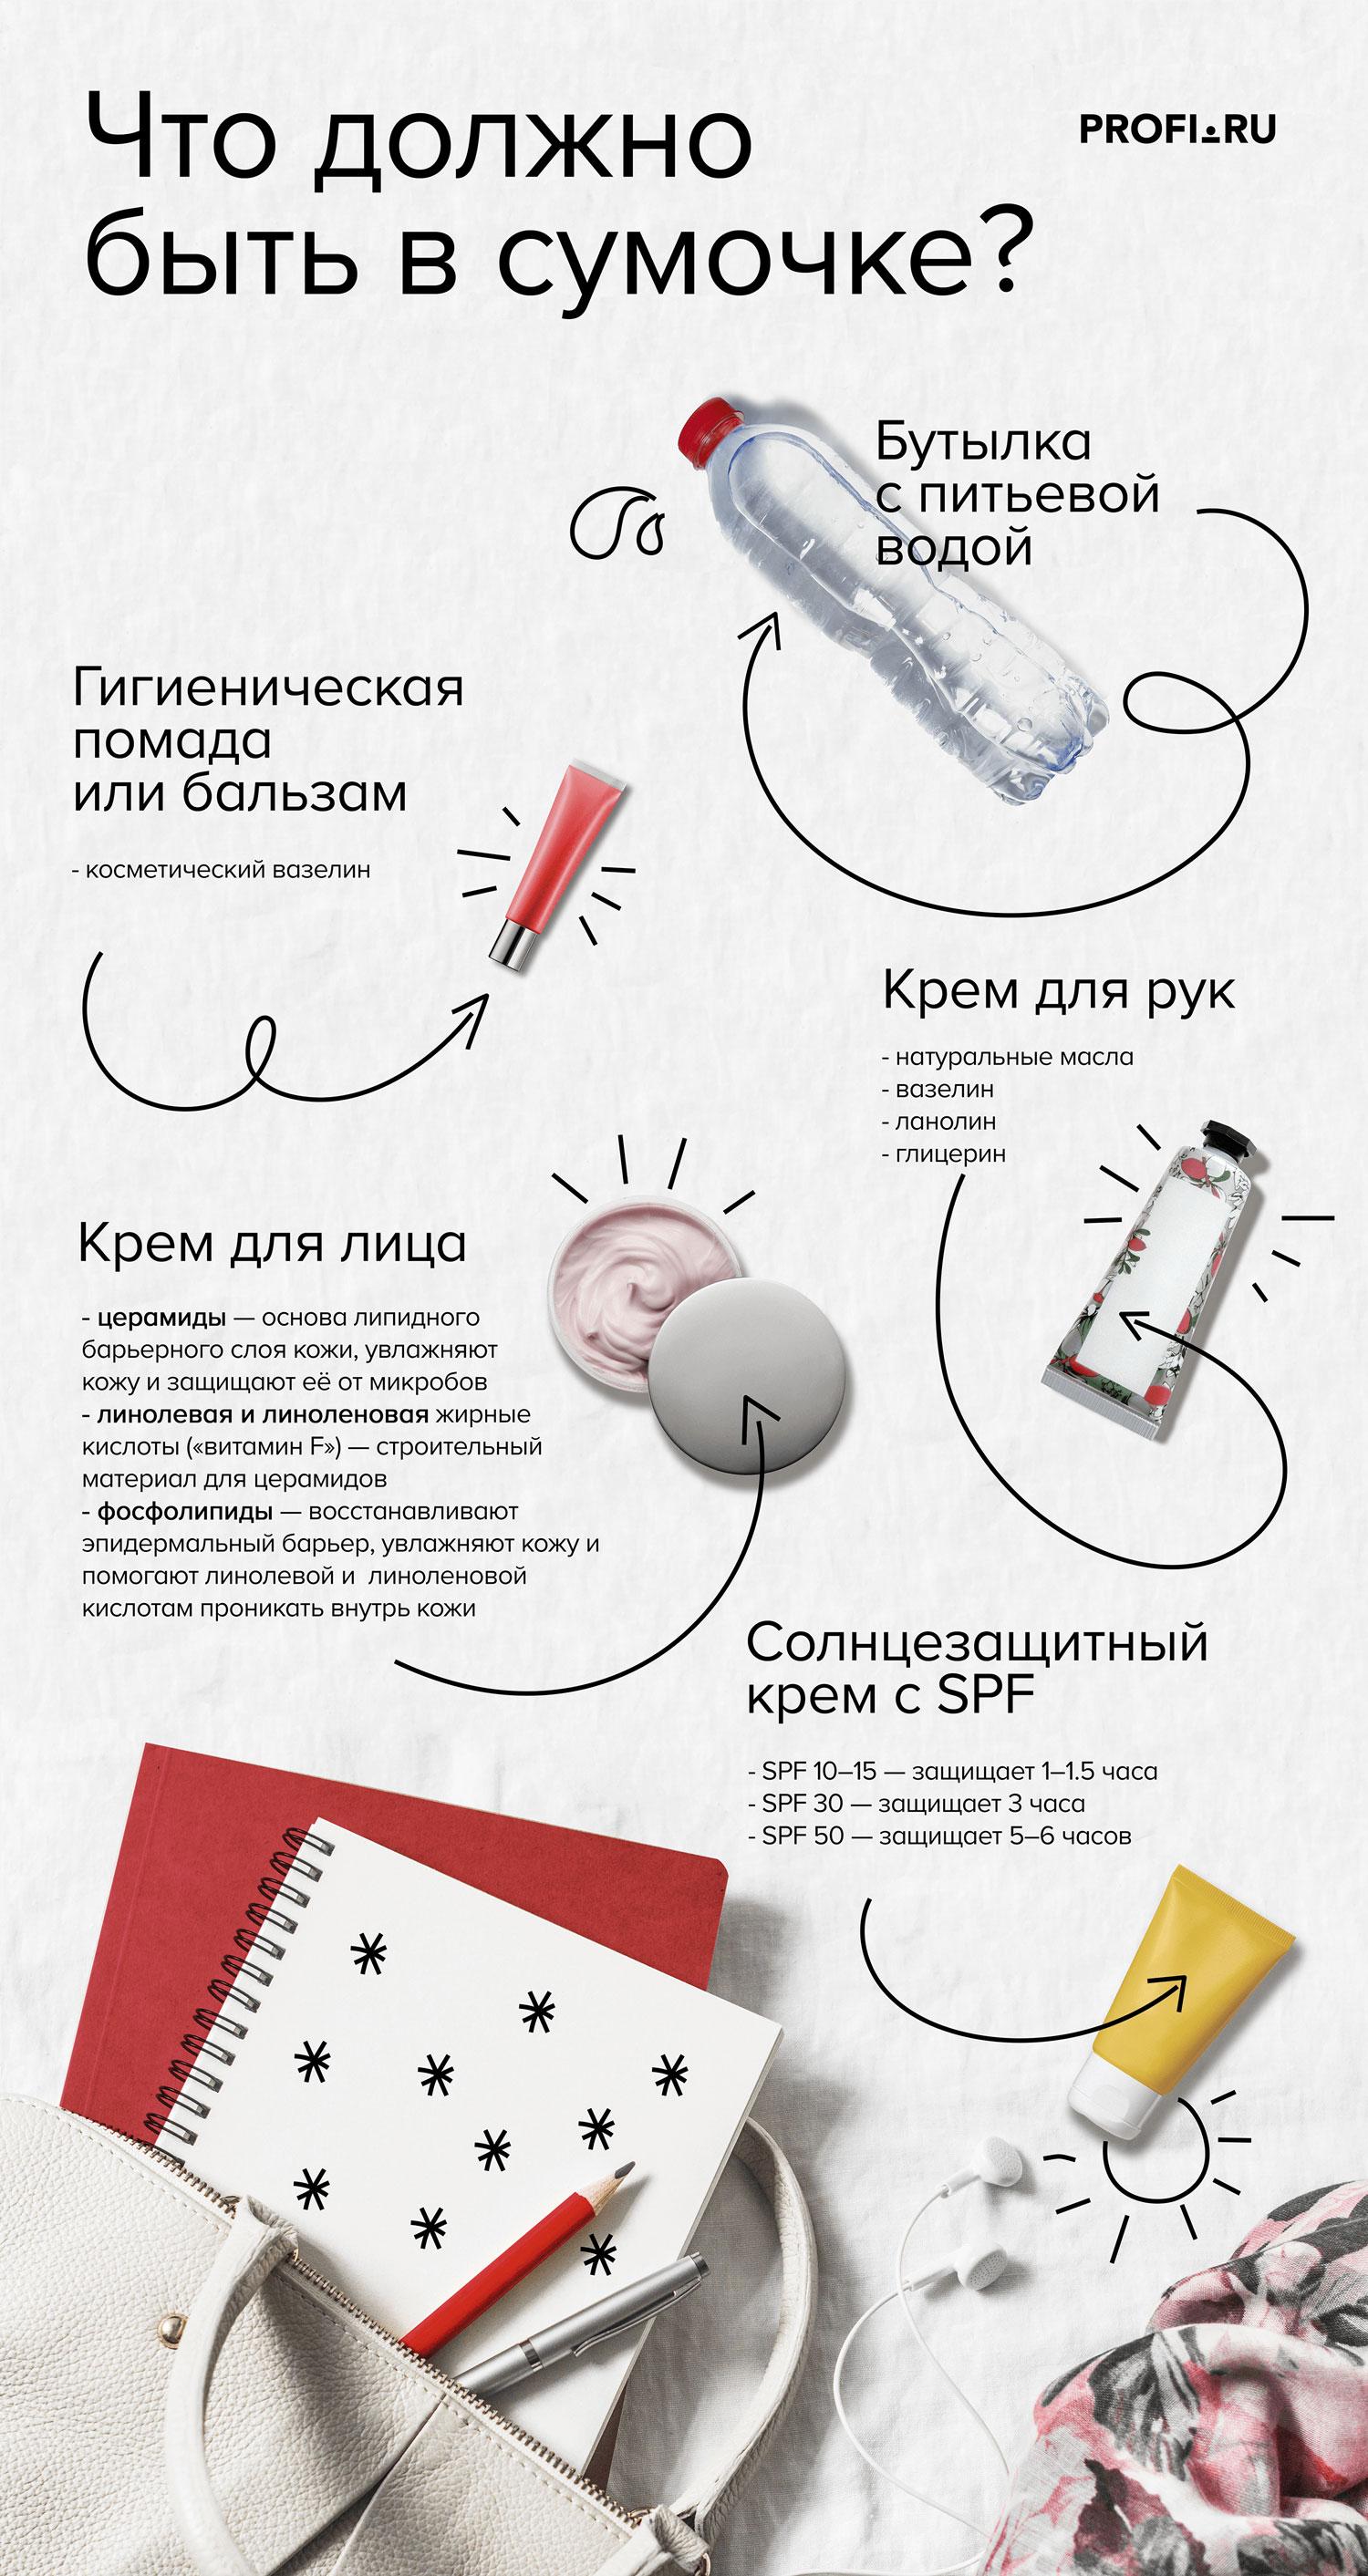 Что должно быть в сумочке? инфографика